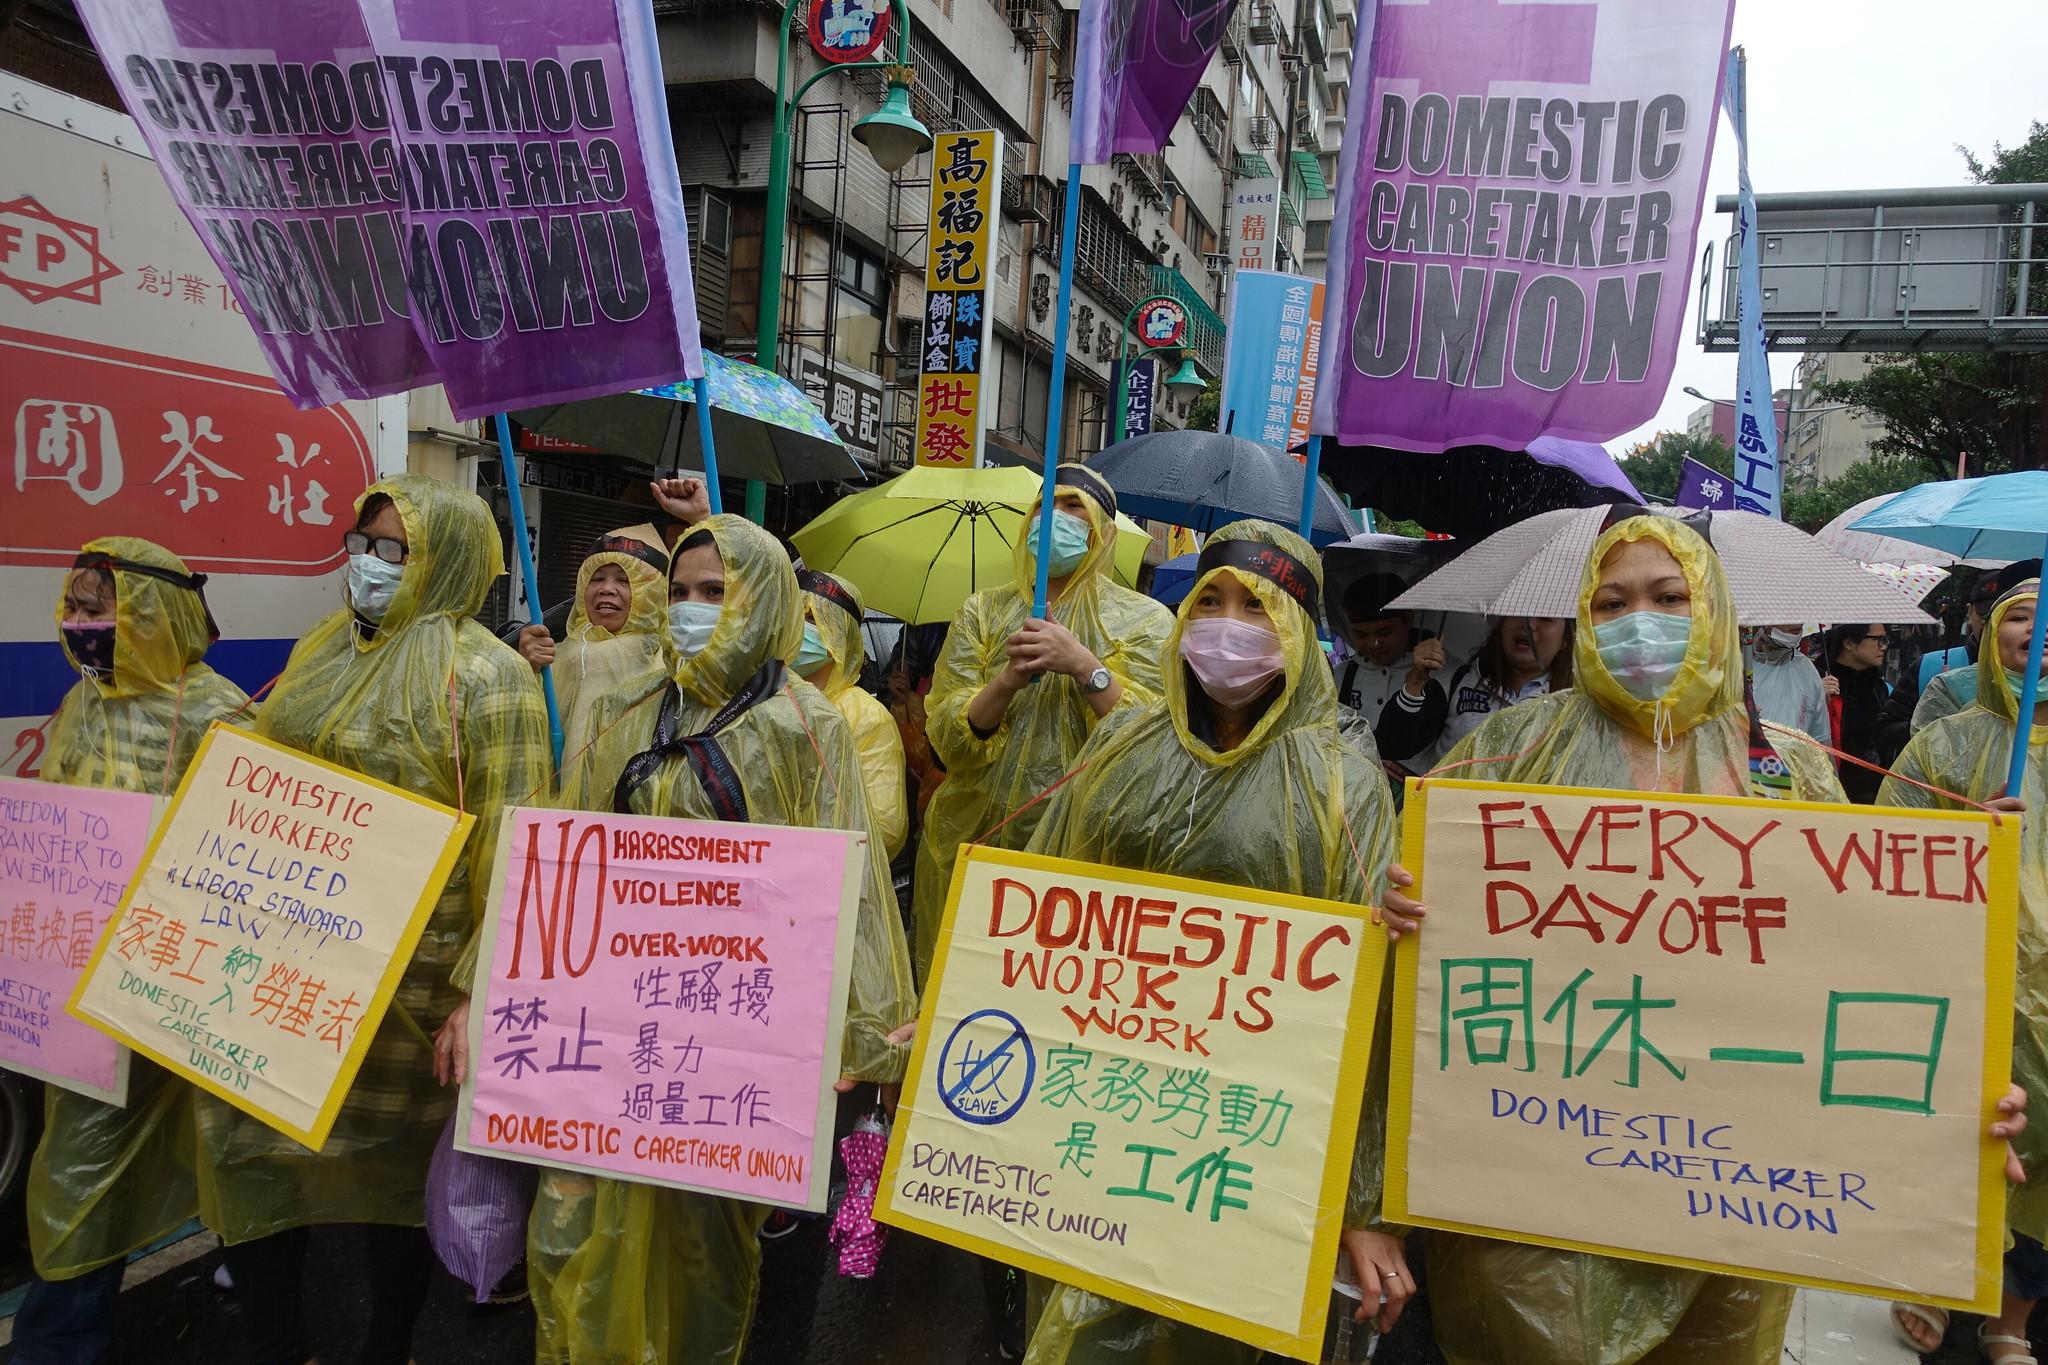 家務移工高喊:「我們是勞工,不是奴隸!」(攝影:張智琦)